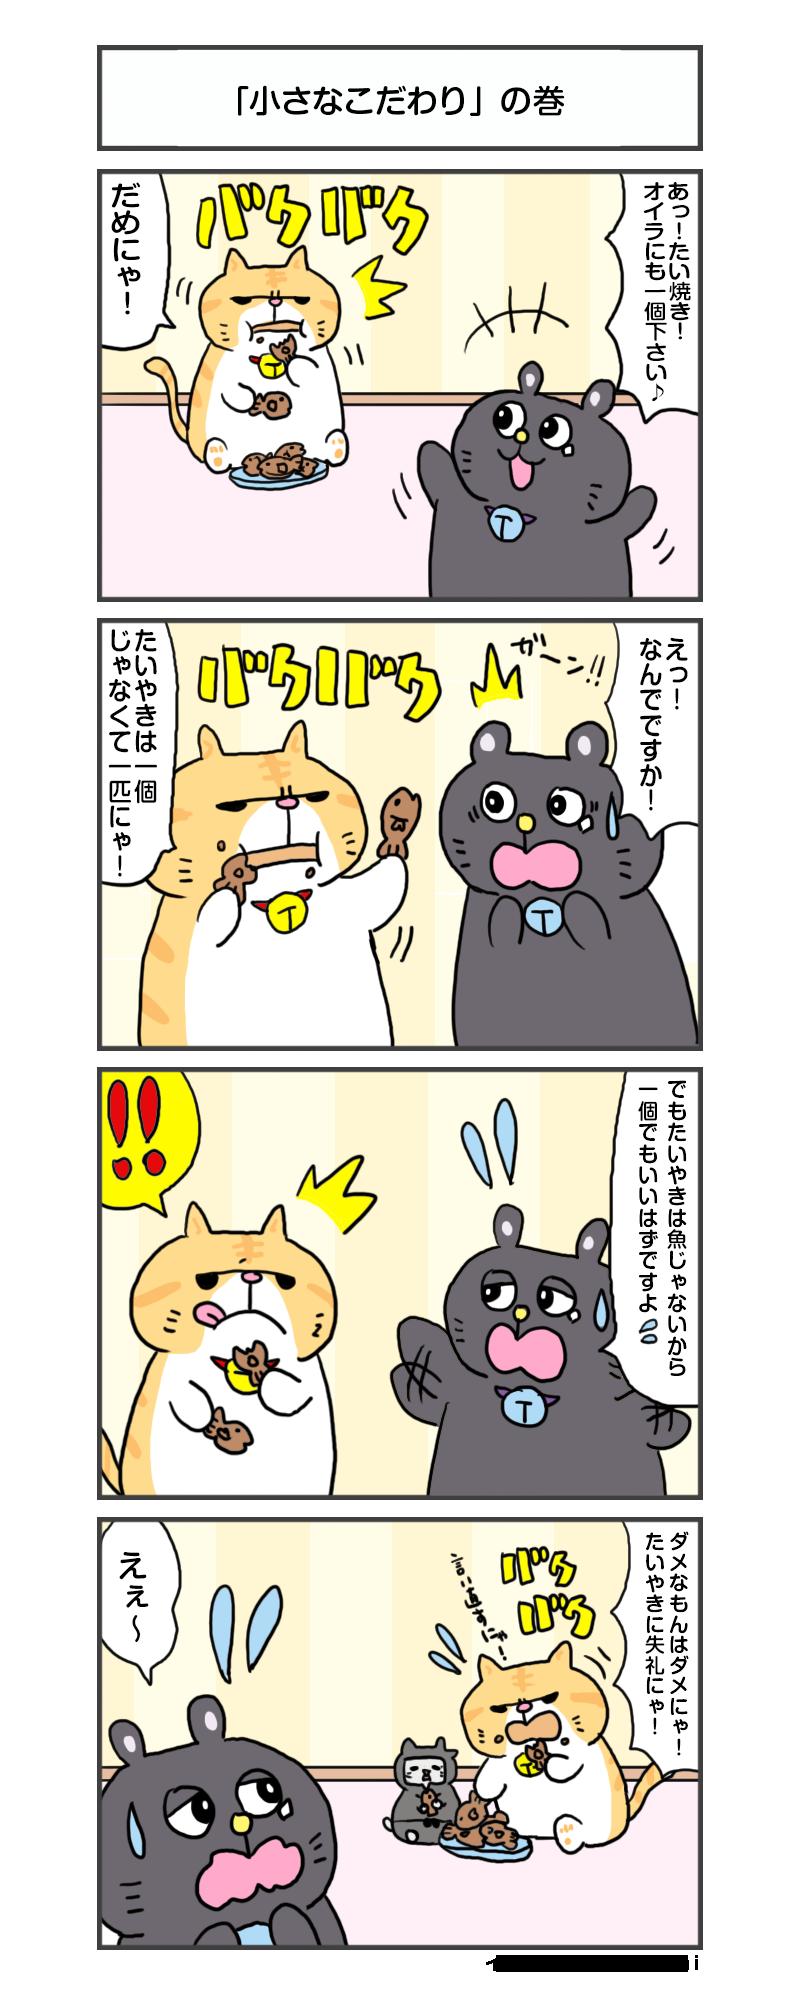 縺医″縺昴y縺・anga_vol.245